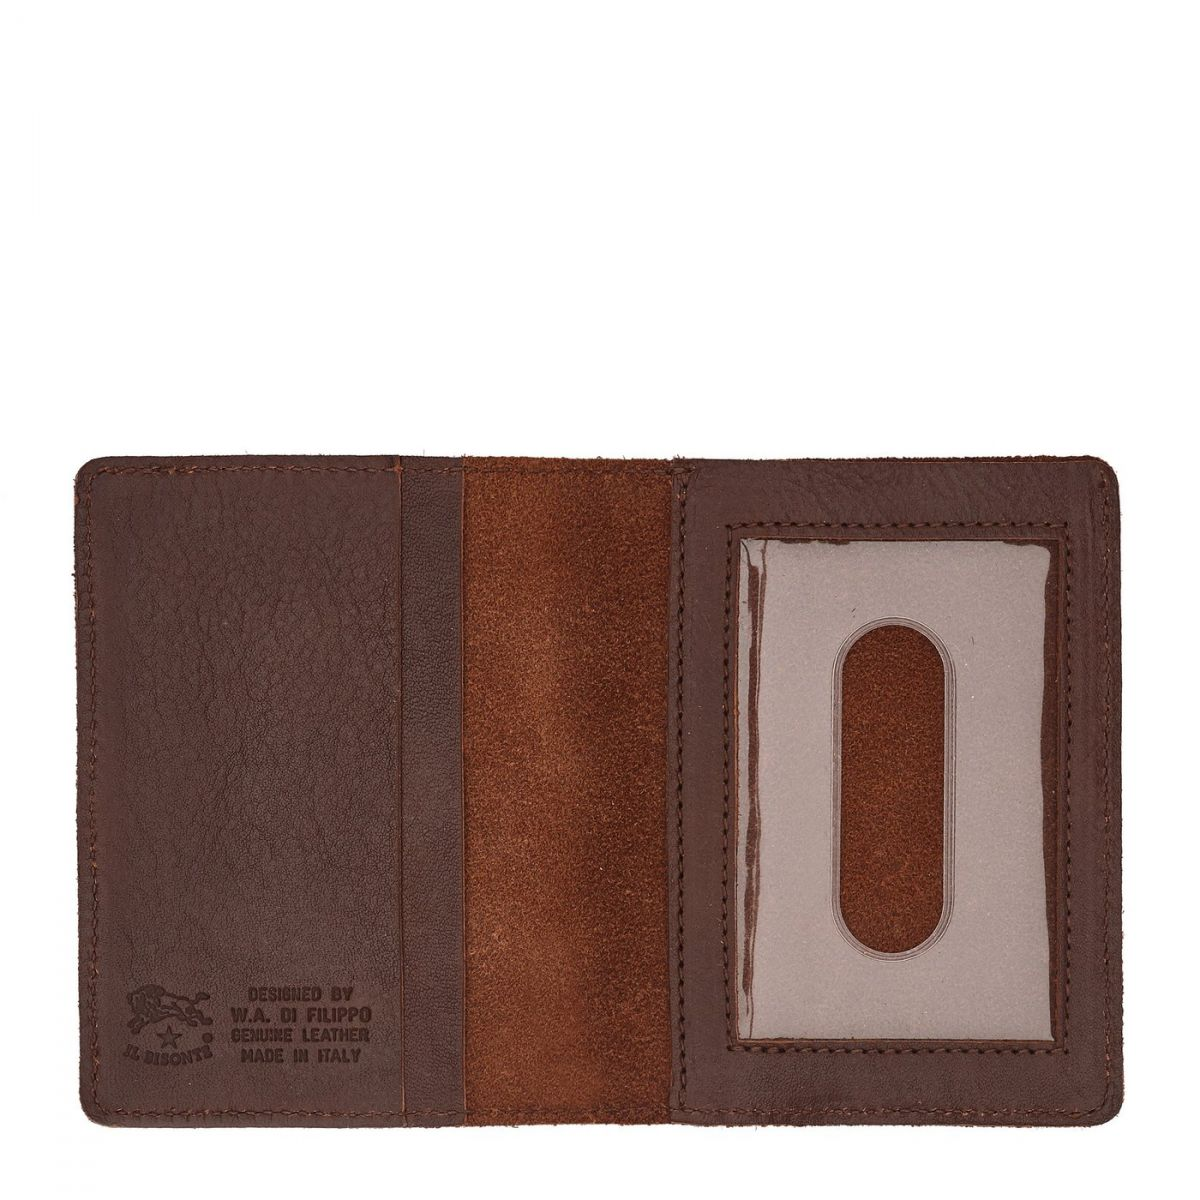 Porte-Cartes  en Cuir De Vachette Doublé SCC003 couleur Brun | Details